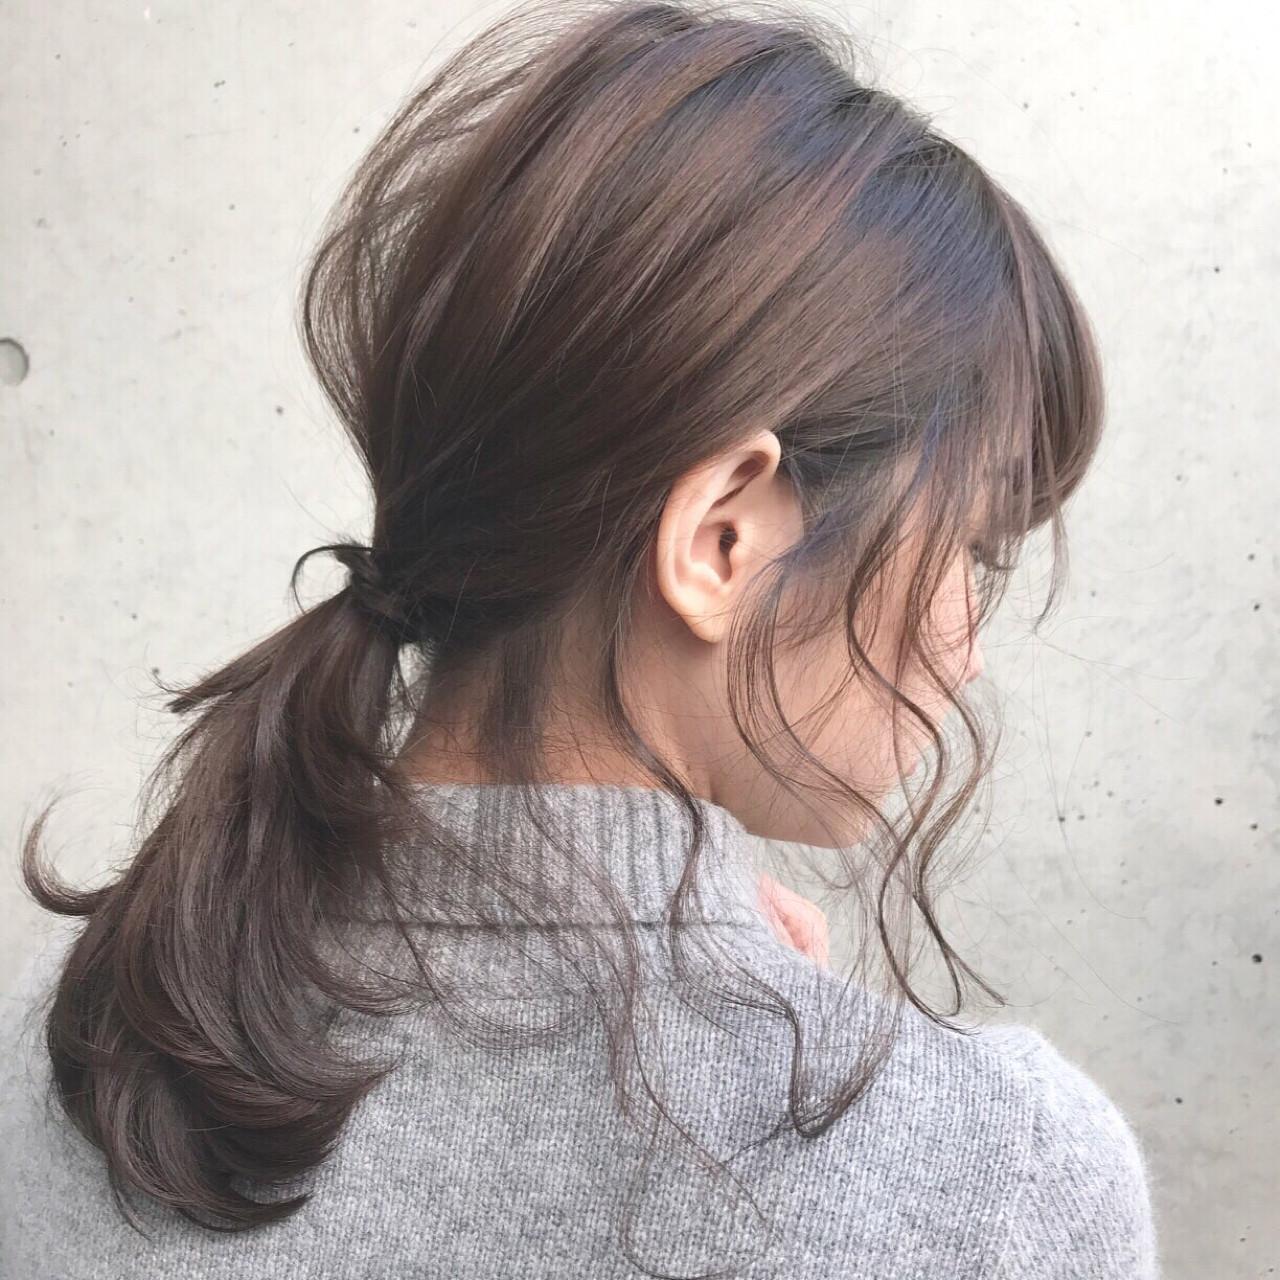 ナチュラル ミディアム ローポニーテール ポニーテール ヘアスタイルや髪型の写真・画像